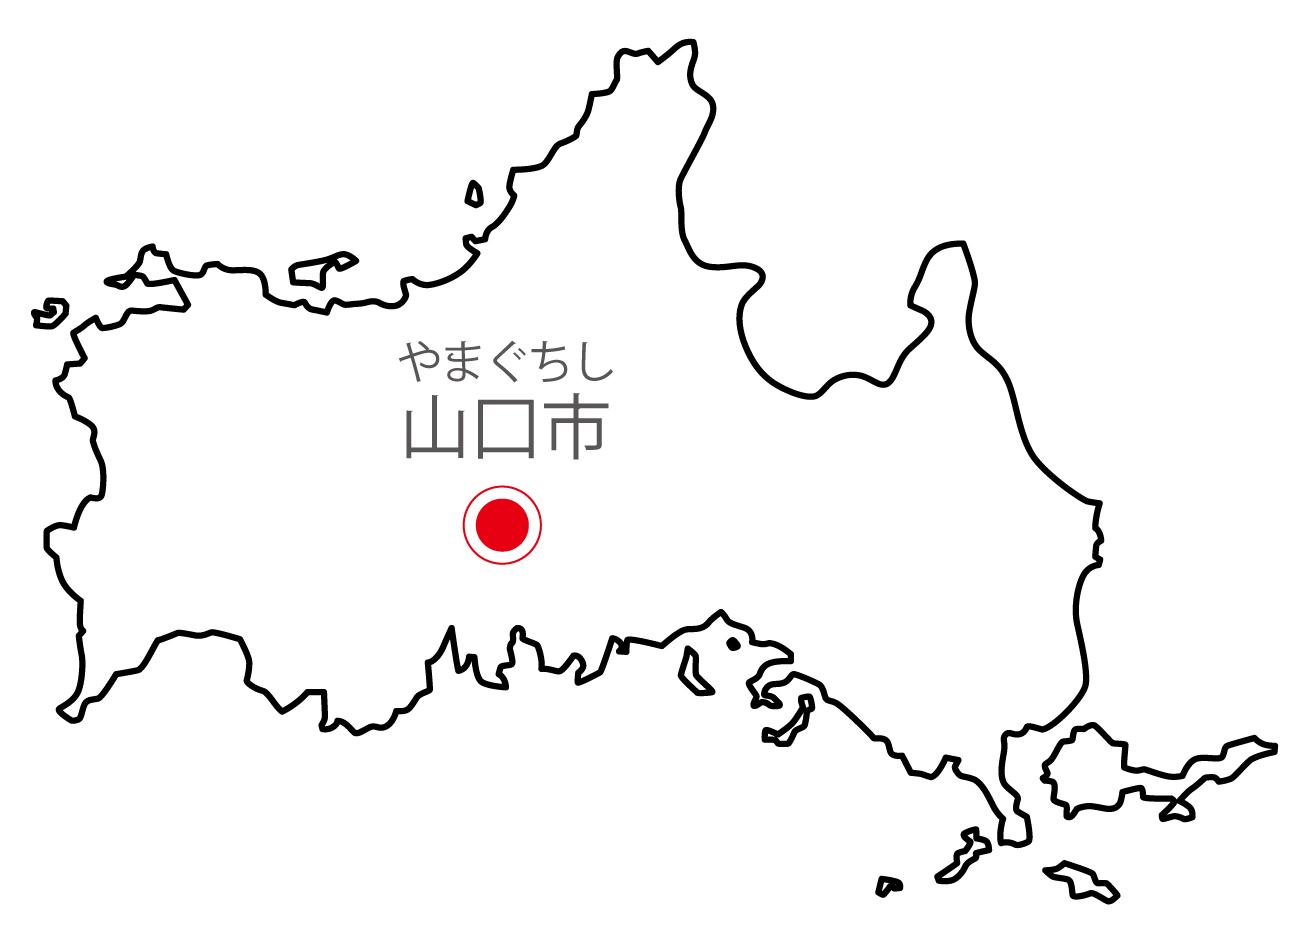 山口県無料フリーイラスト|日本語・県庁所在地あり・ルビあり(白)